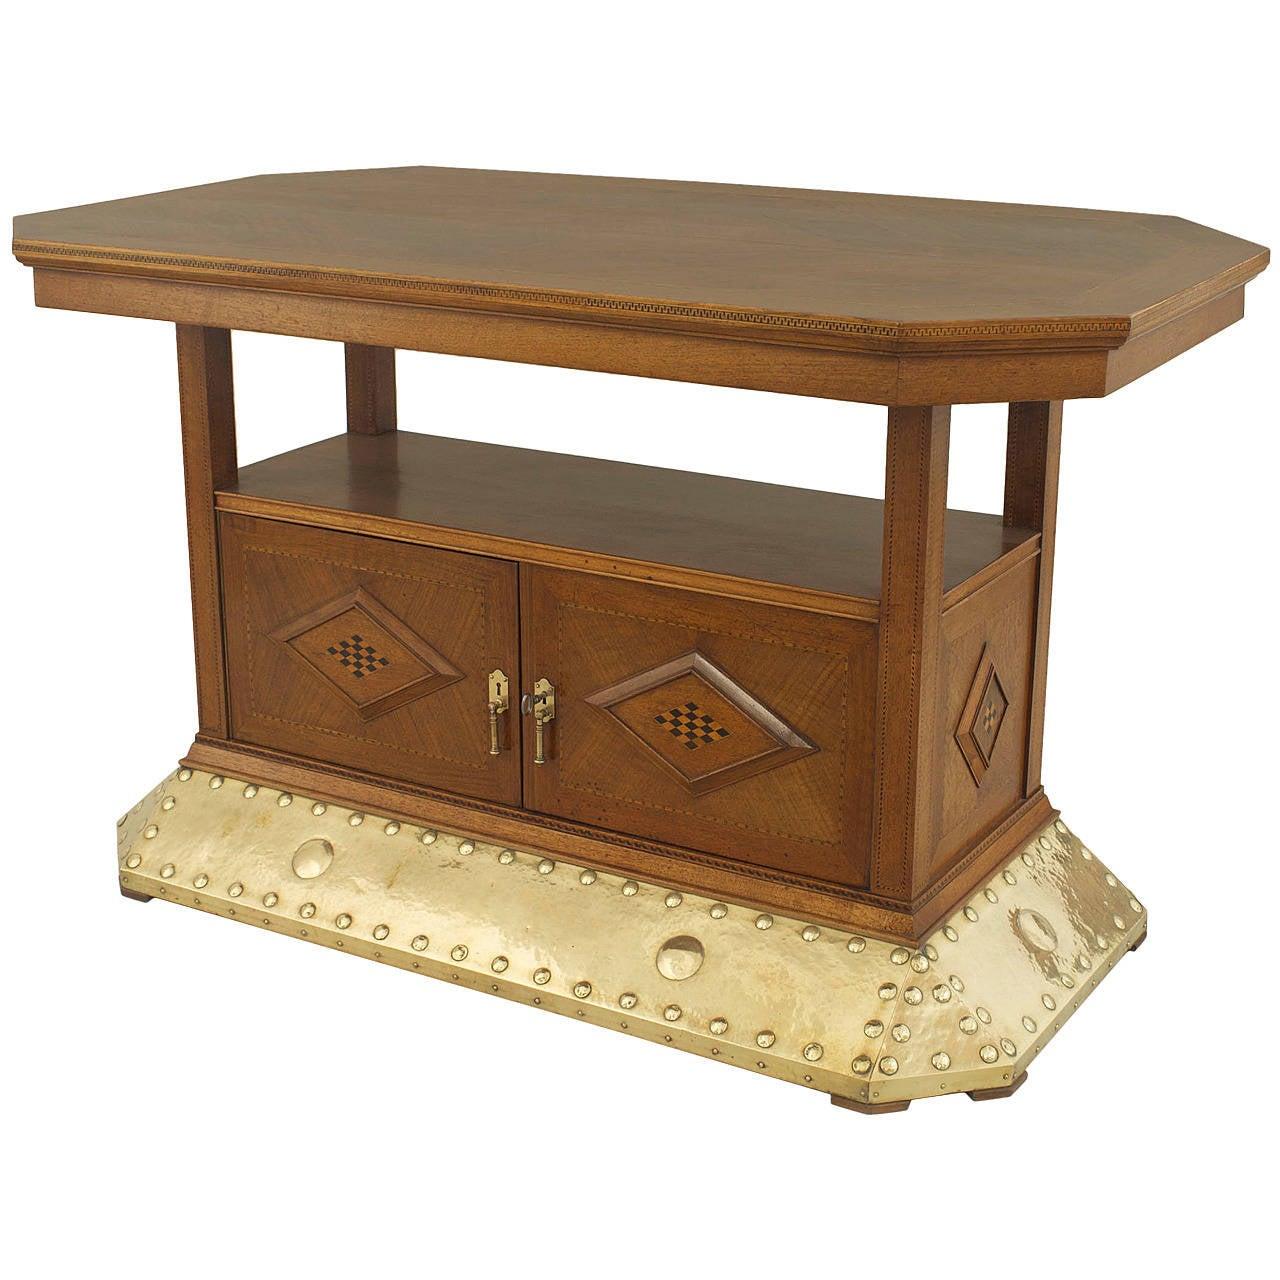 dutch arts and crafts furniture. Black Bedroom Furniture Sets. Home Design Ideas